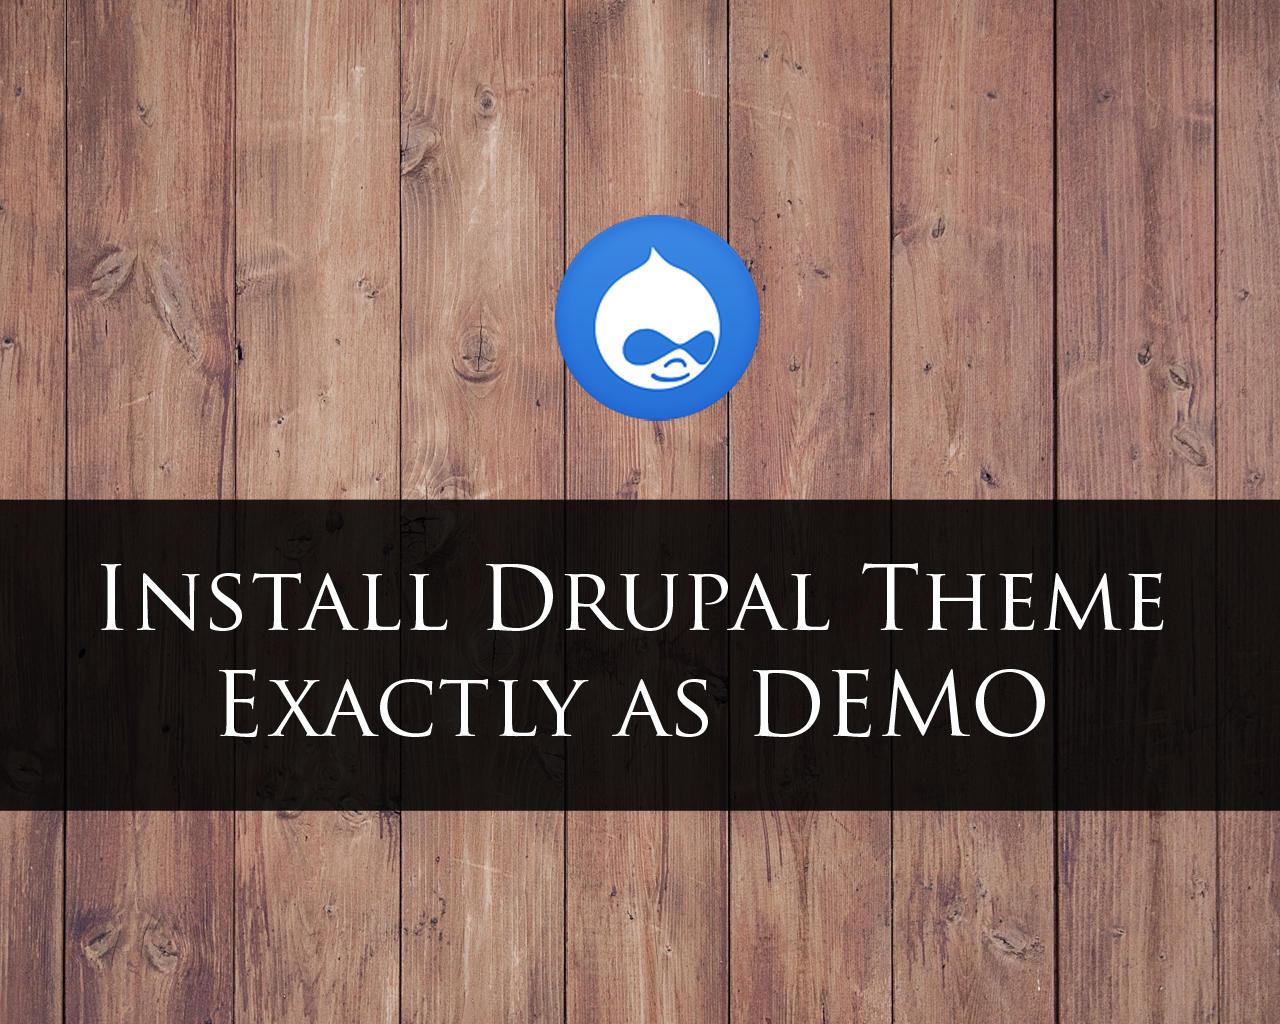 Drupal Theme Install & Demo Setup (+ Module & Logo Setup) by hasanet - 98055